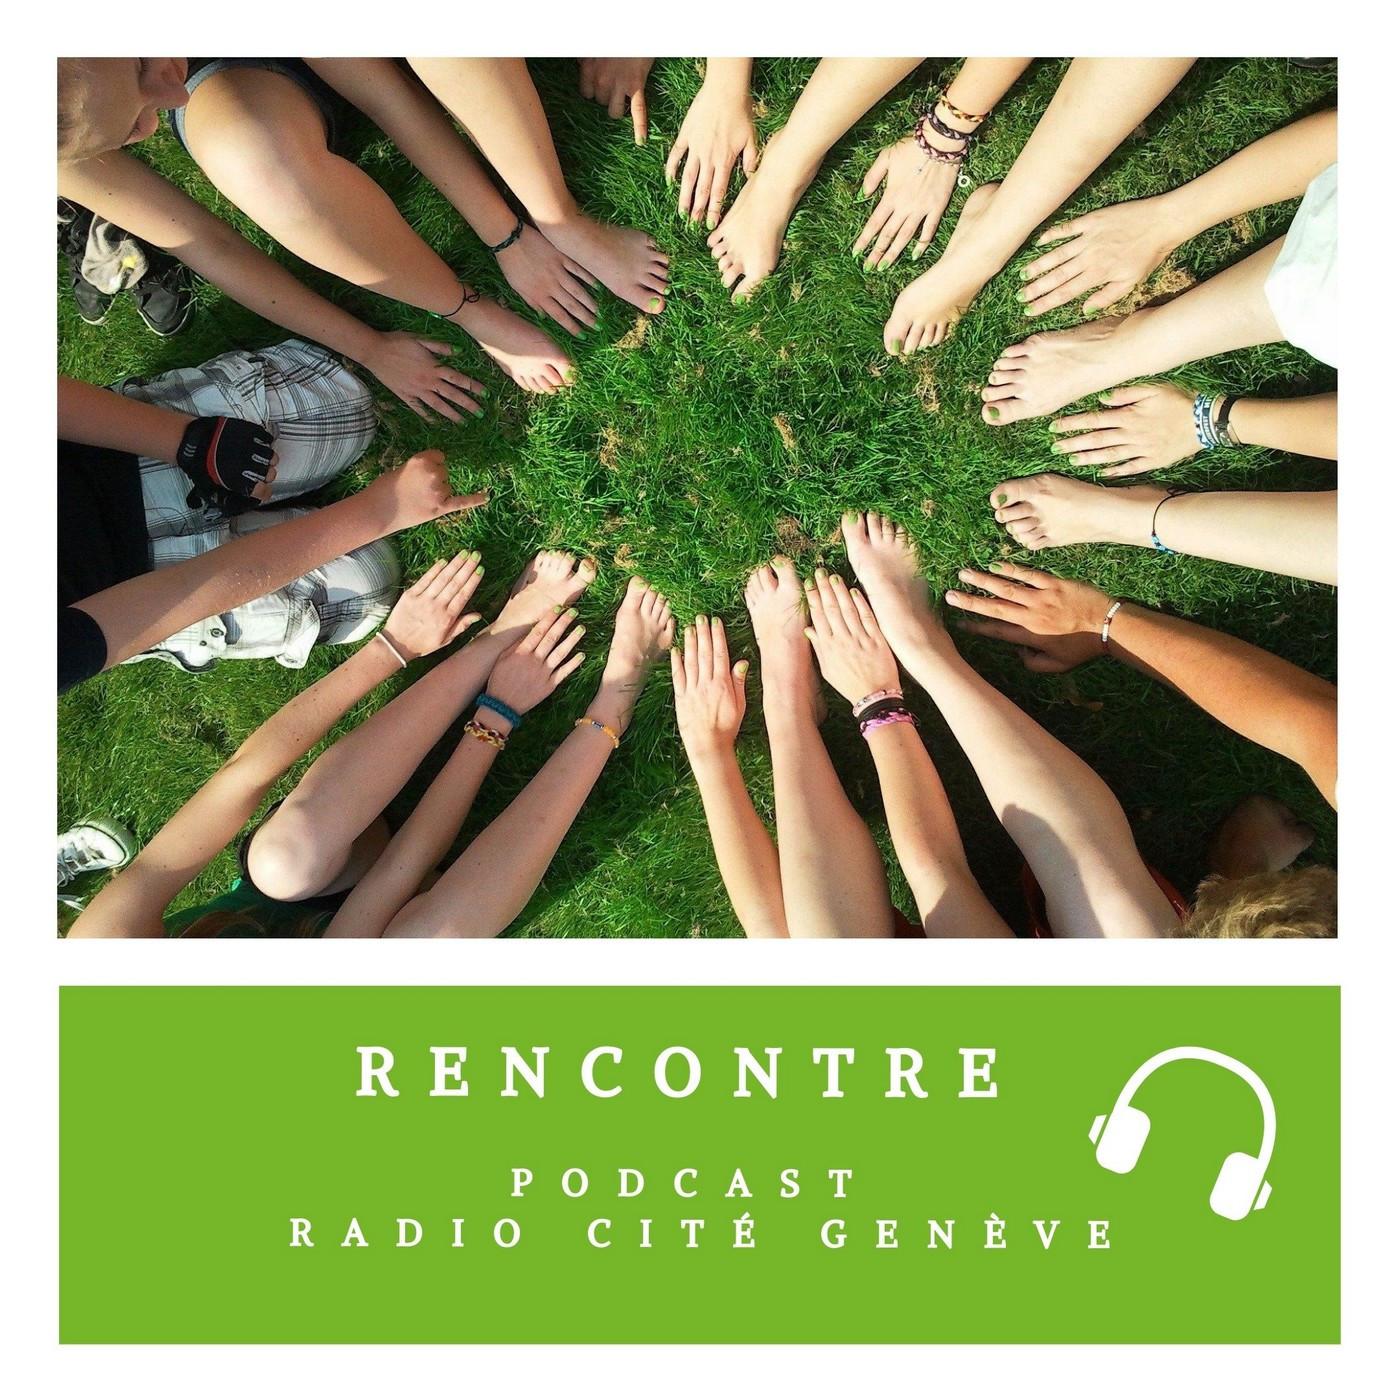 Rencontre du 05/01/21 - Benoit Saint Girons